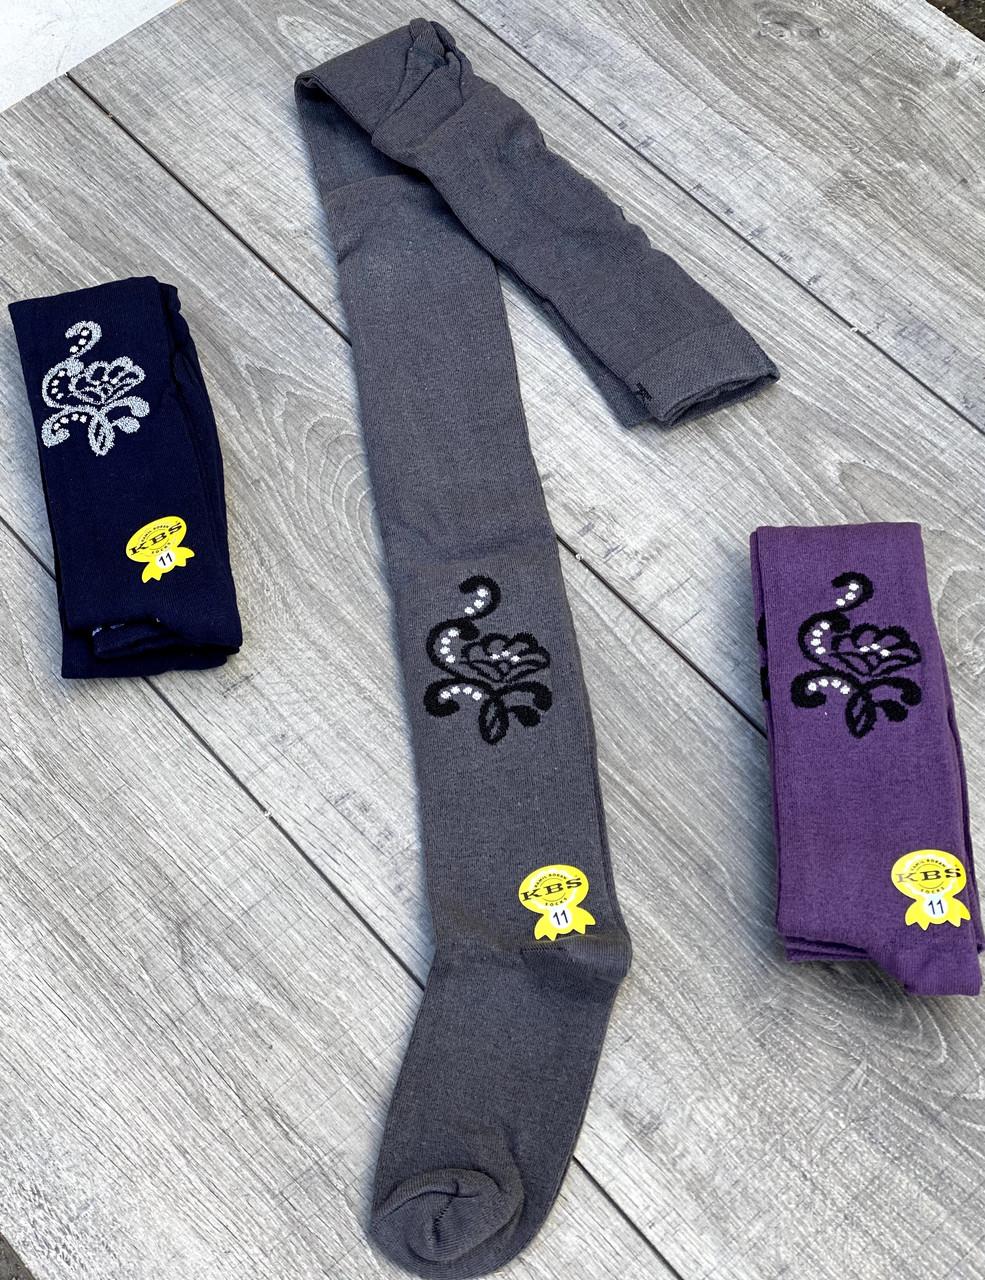 Подростковые колготы хлопок KBS с рисунком цветка украшены люрексом 6 шт. в уп. микс из 3х цветов